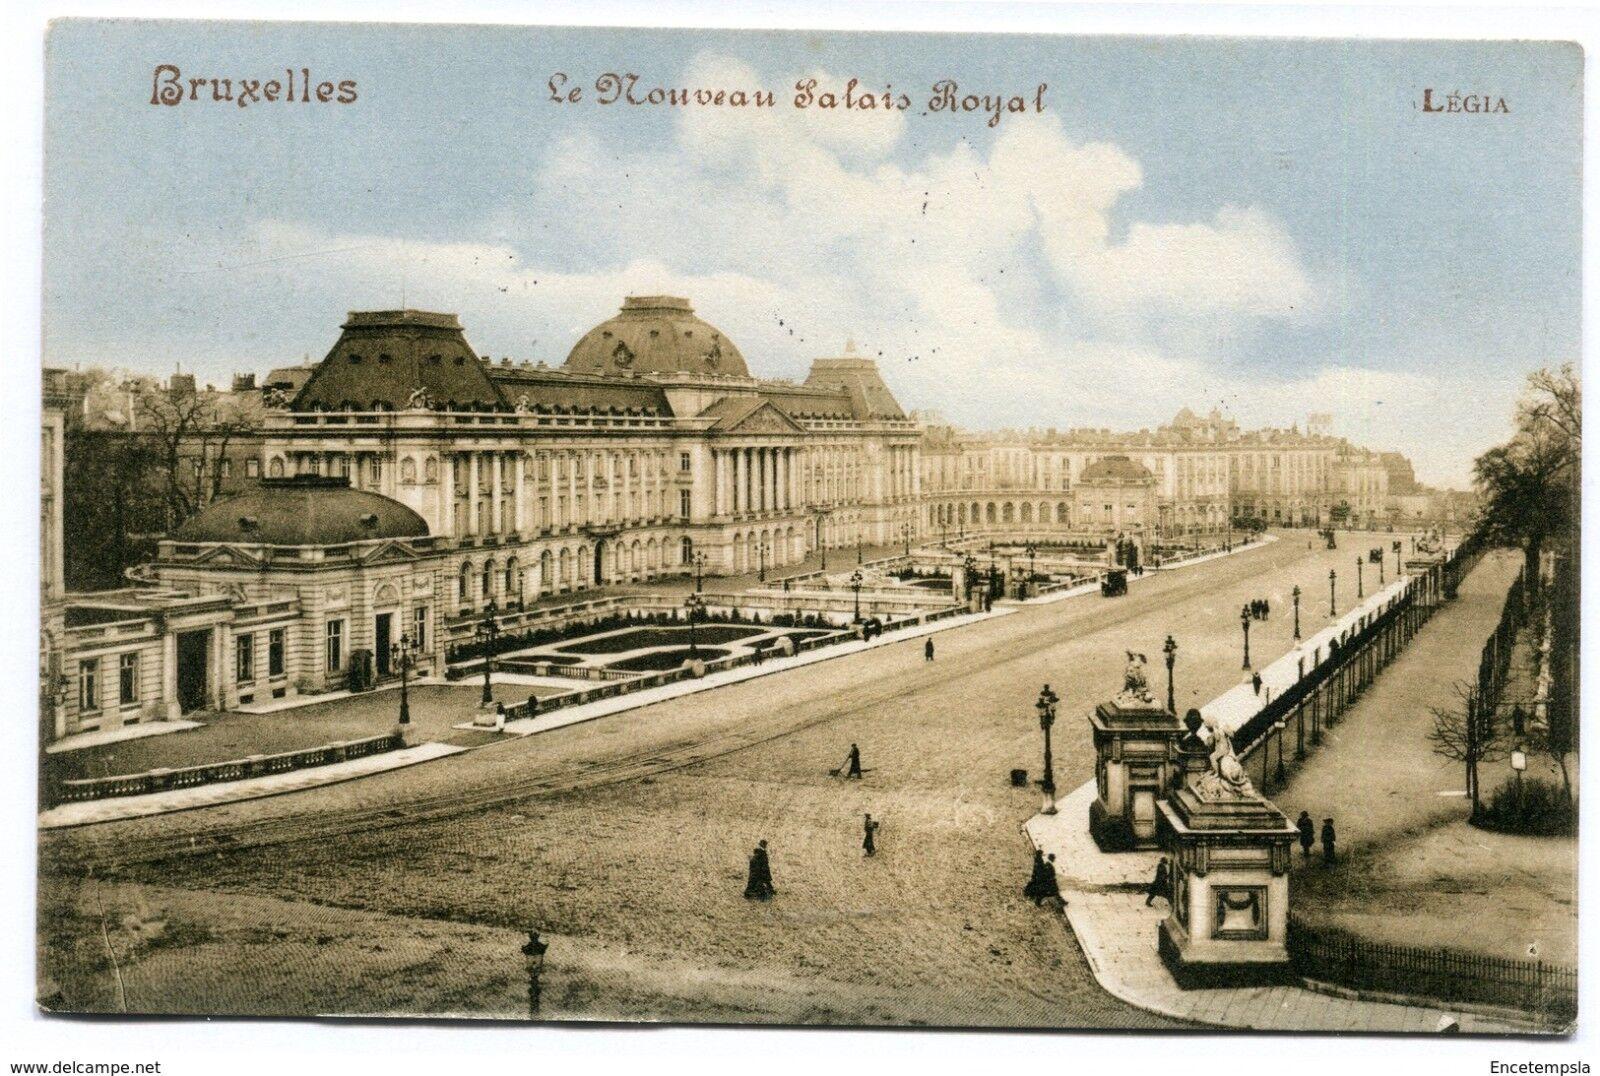 CPA-Carte postale-Belgique-Bruxelles - Le Nouveau Palais Royale - 1914 (CP2138)